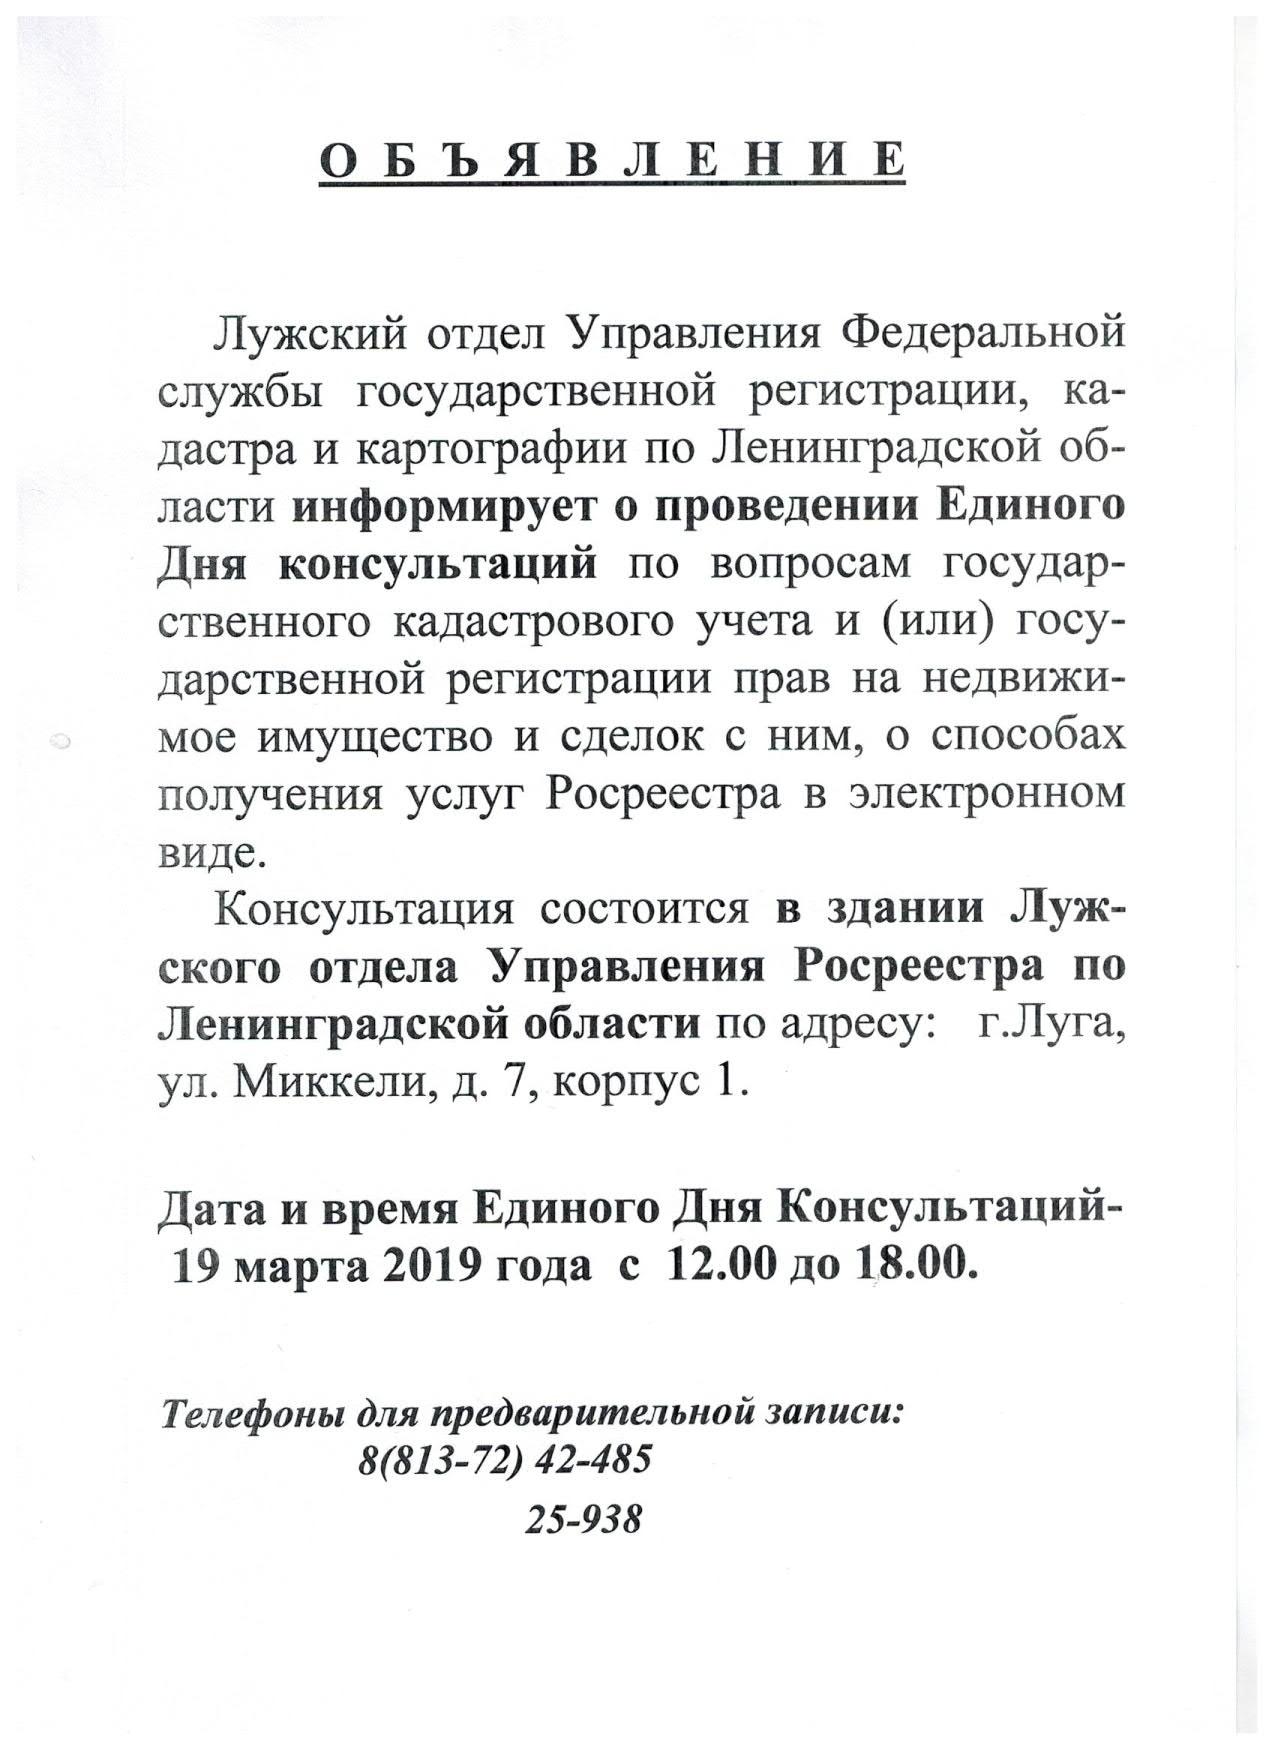 Документ_1